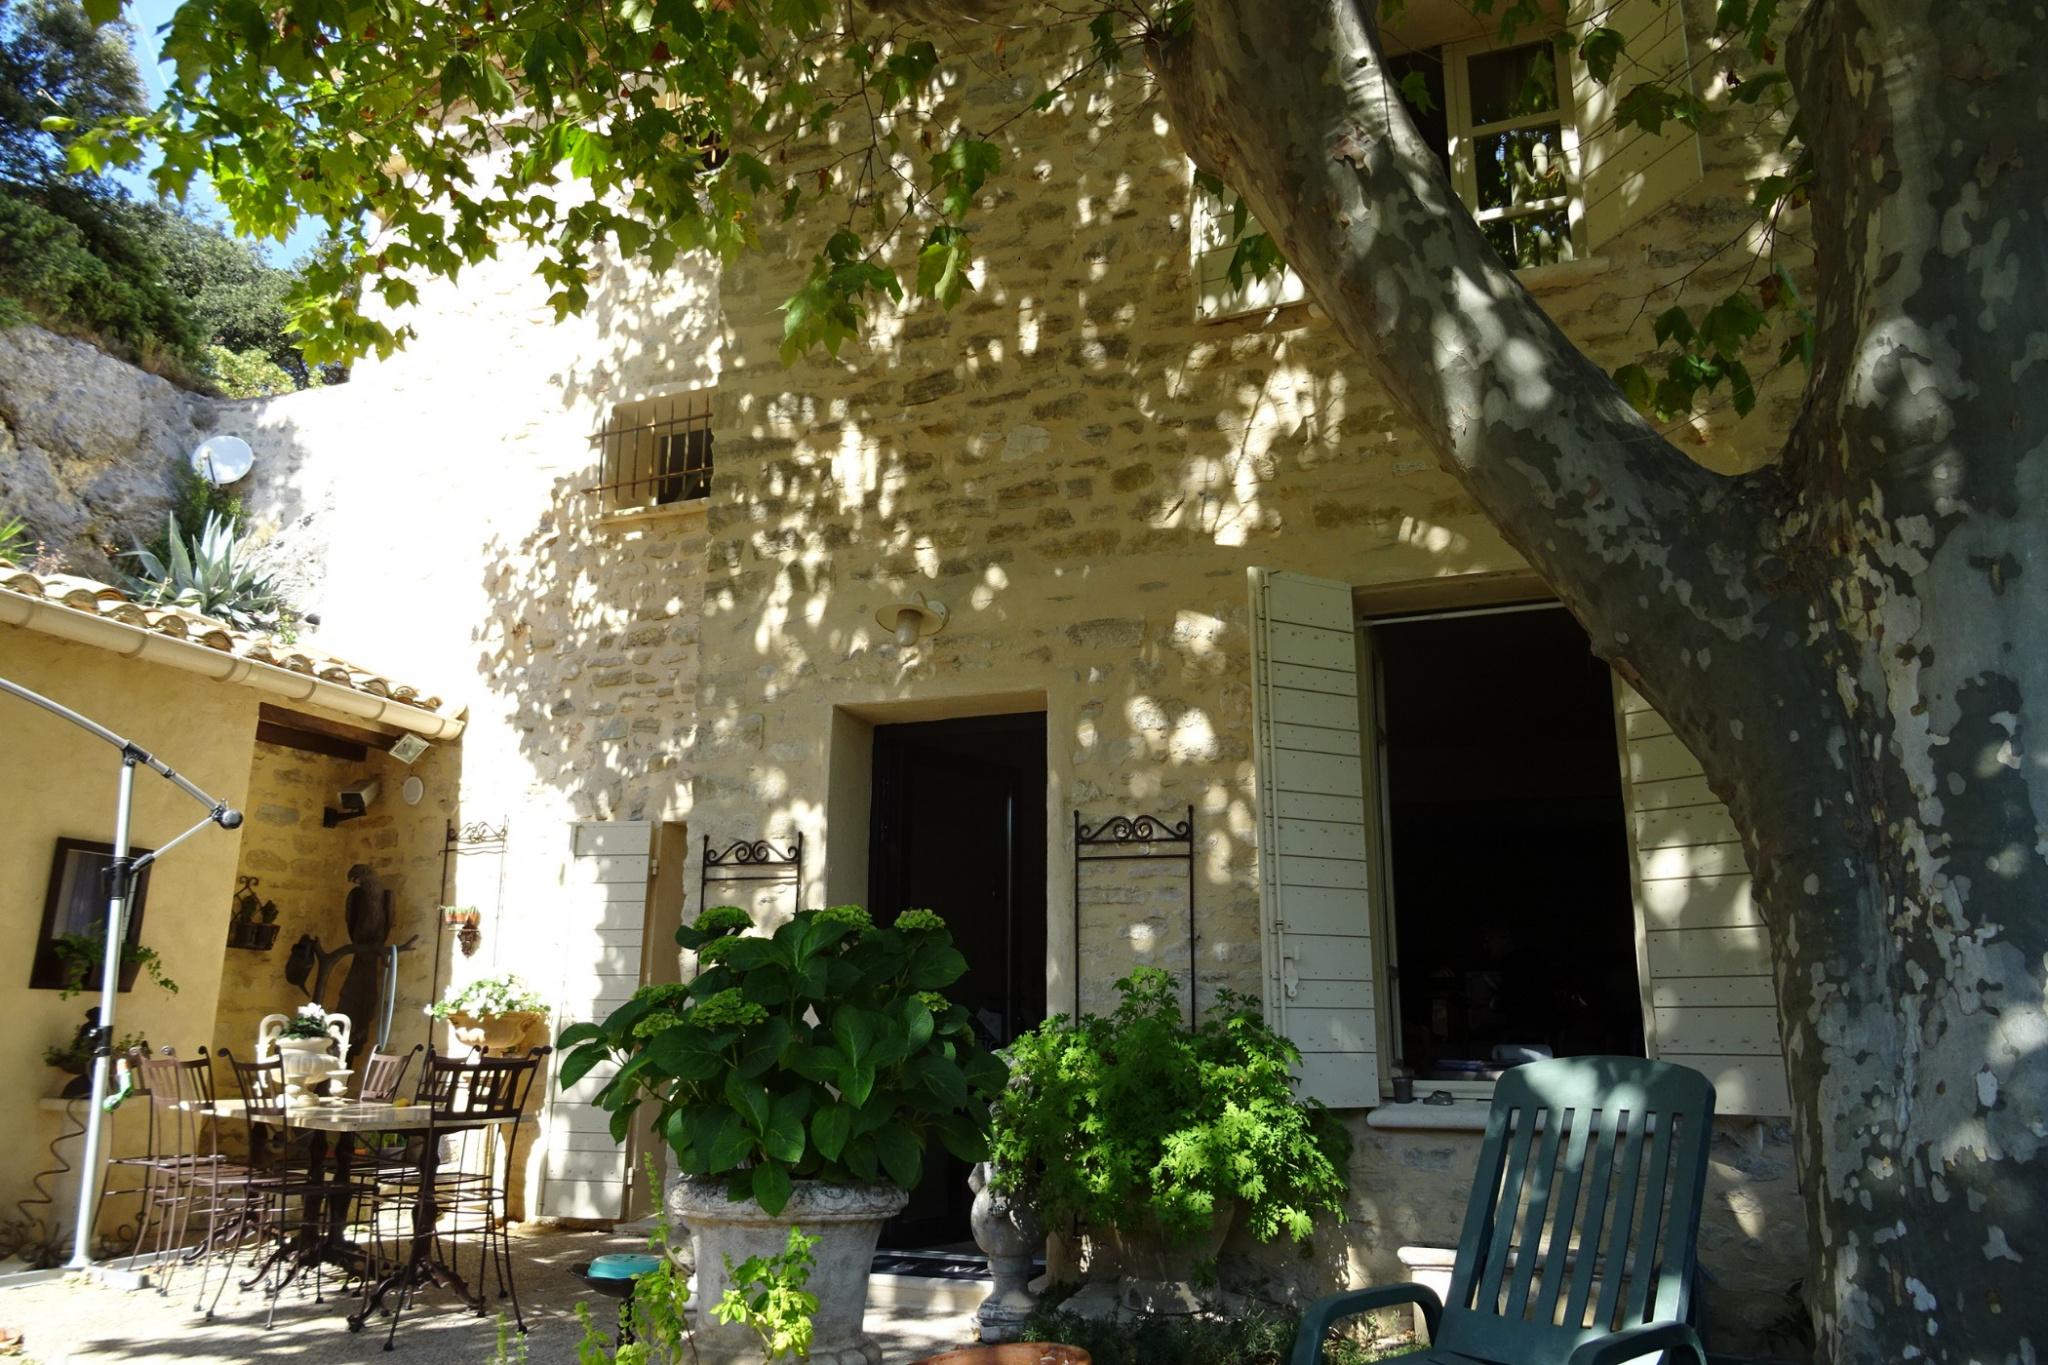 Annonce vente maison le barroux 84330 189 m 595 000 992740238554 - Maison jardin tassin le havre ...